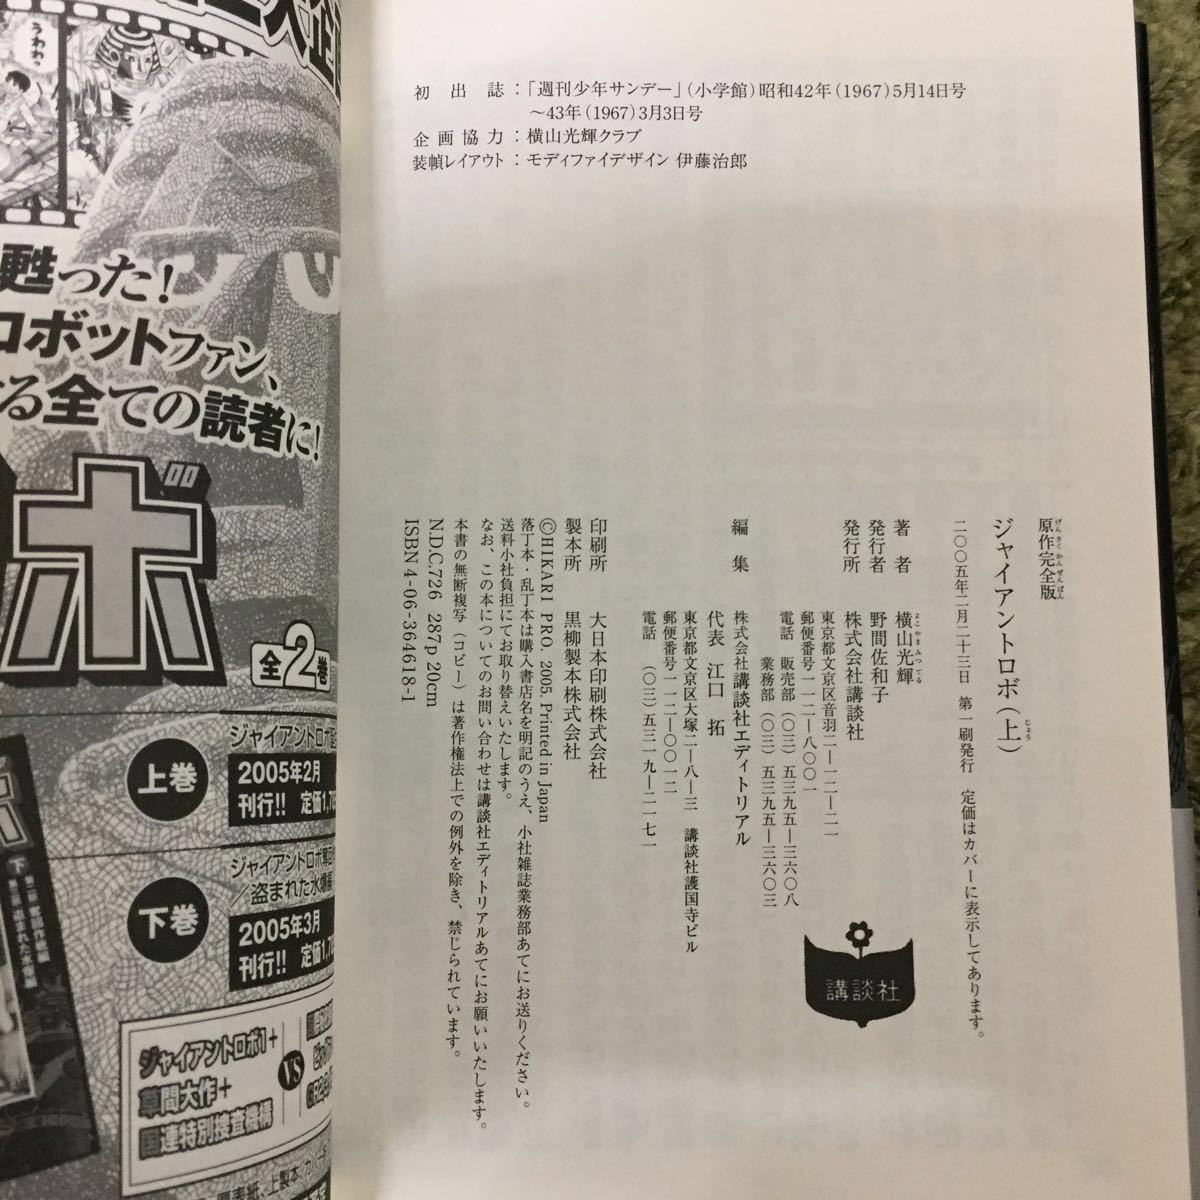 ジャイアントロボ漫画本_画像5